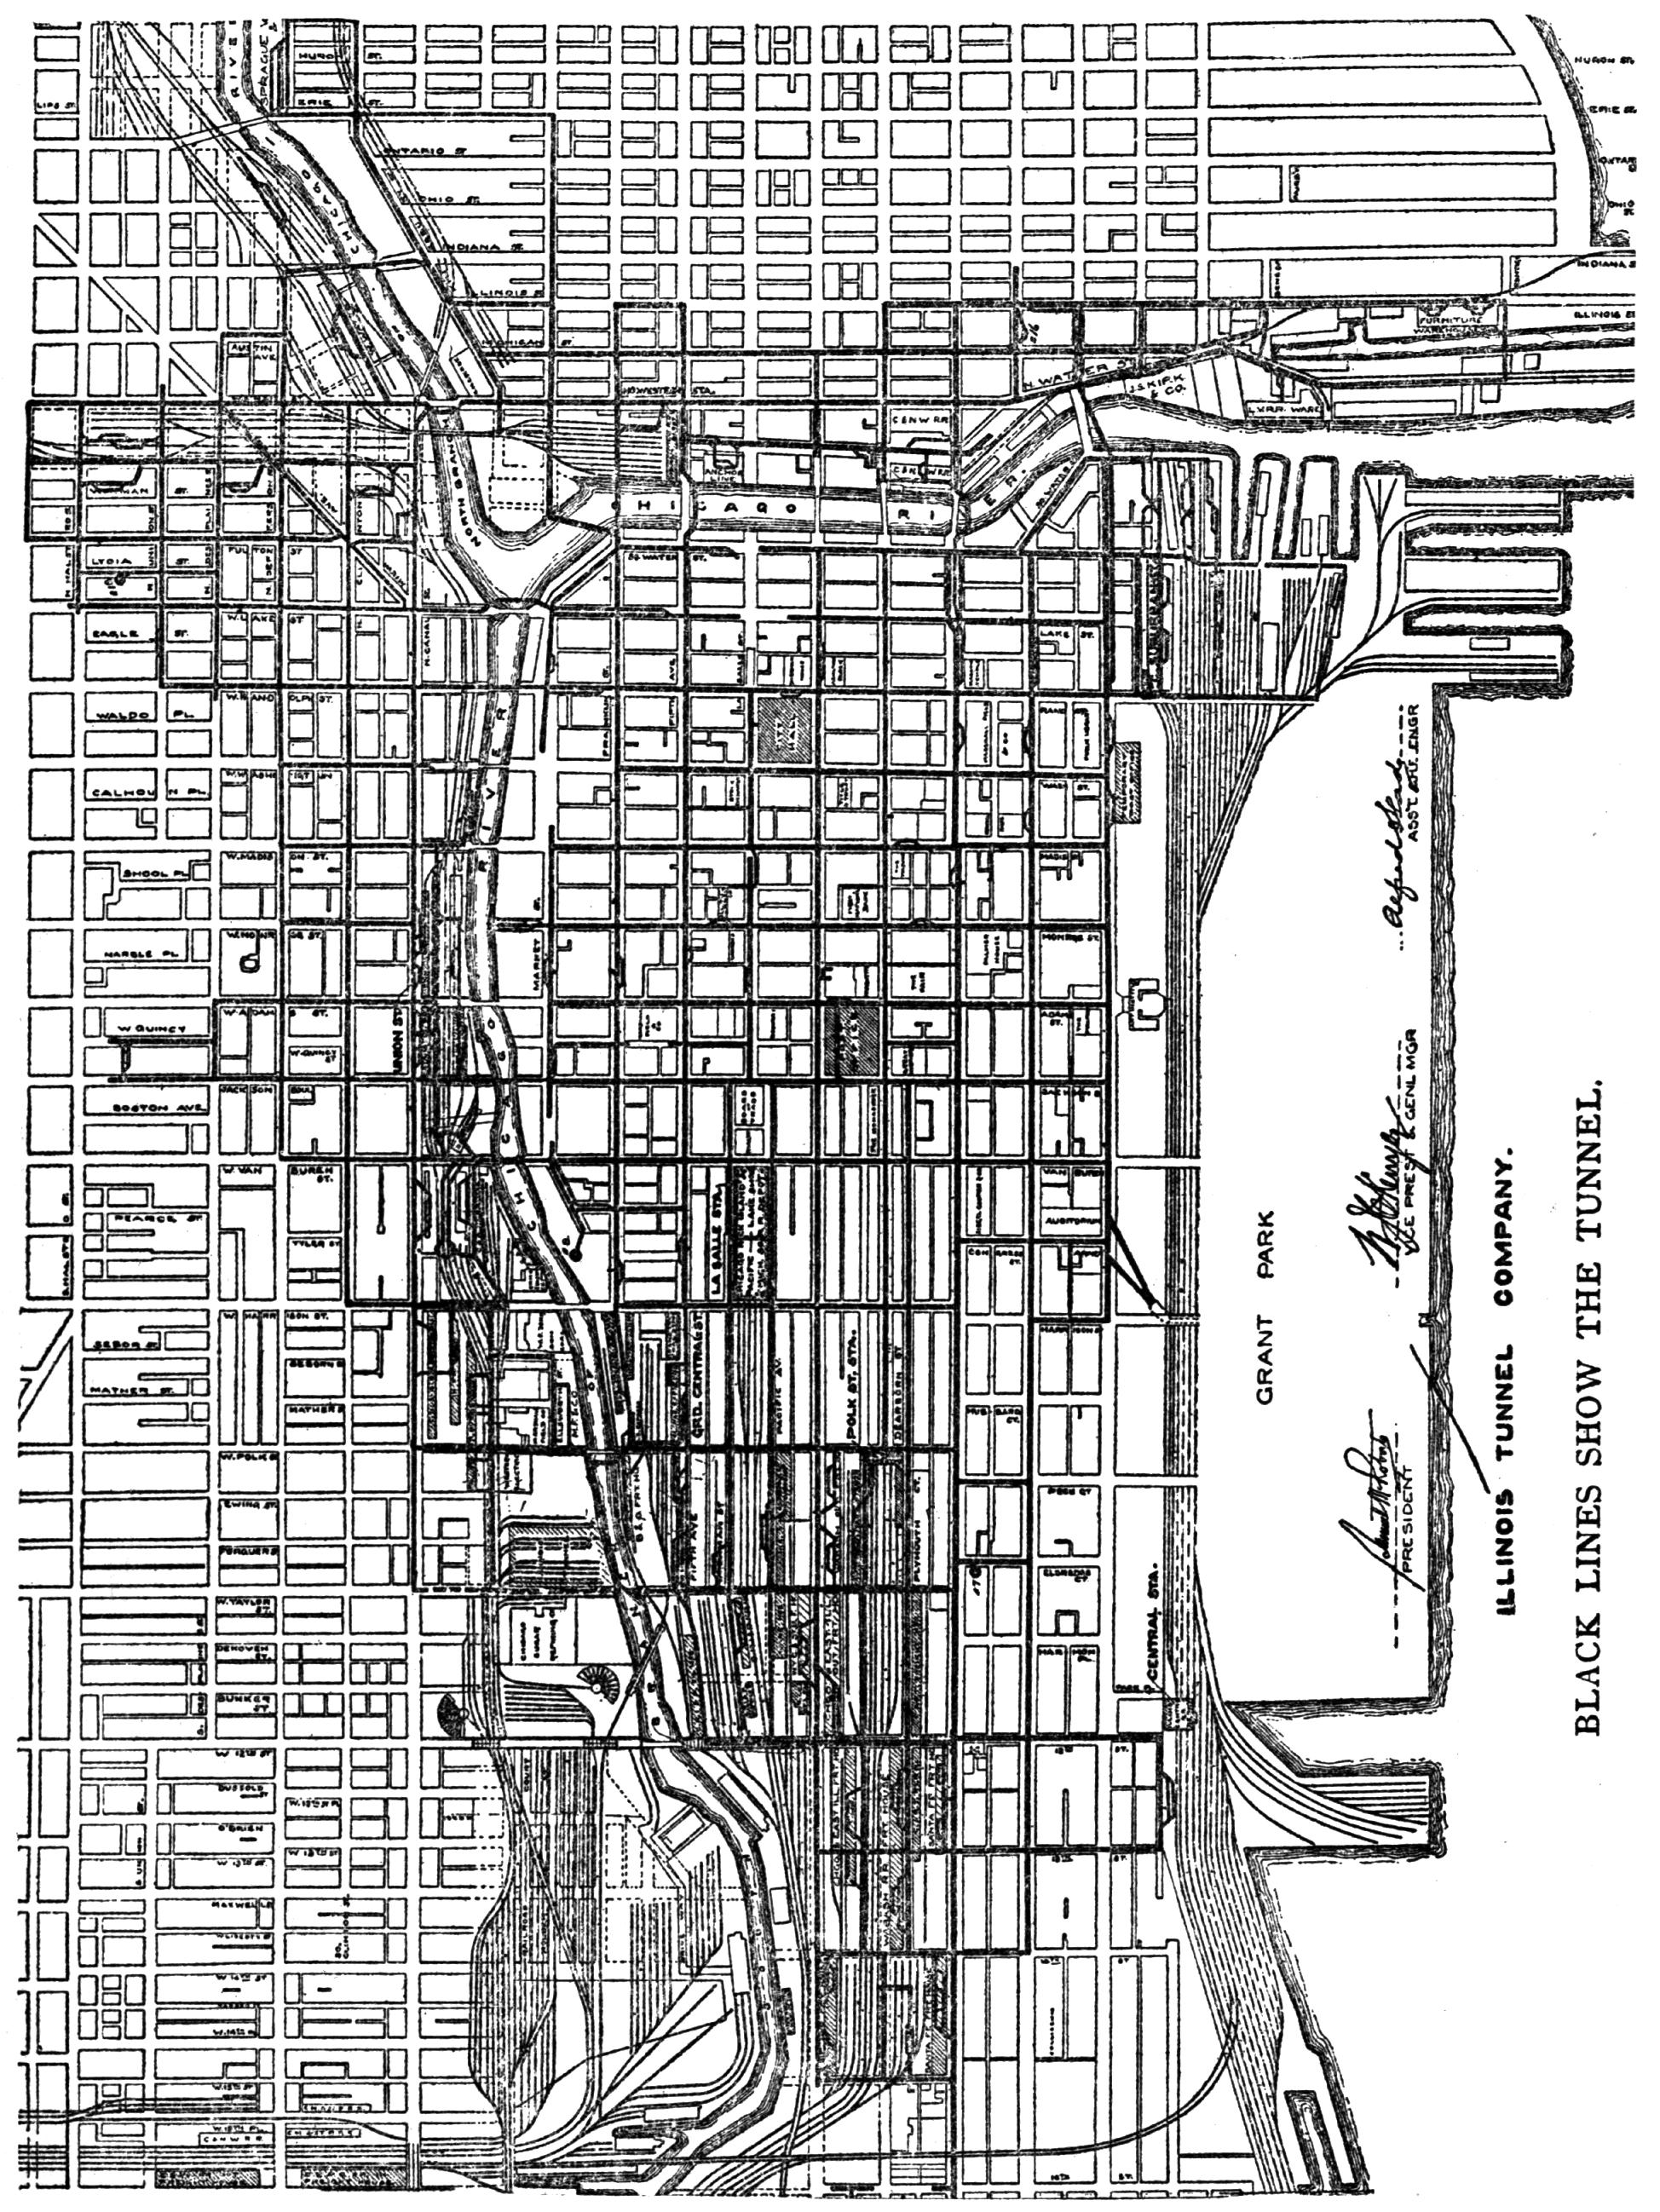 Chicago Underground Tunnels Map IllinoisTunnelMap1910Brook produces a map of underground